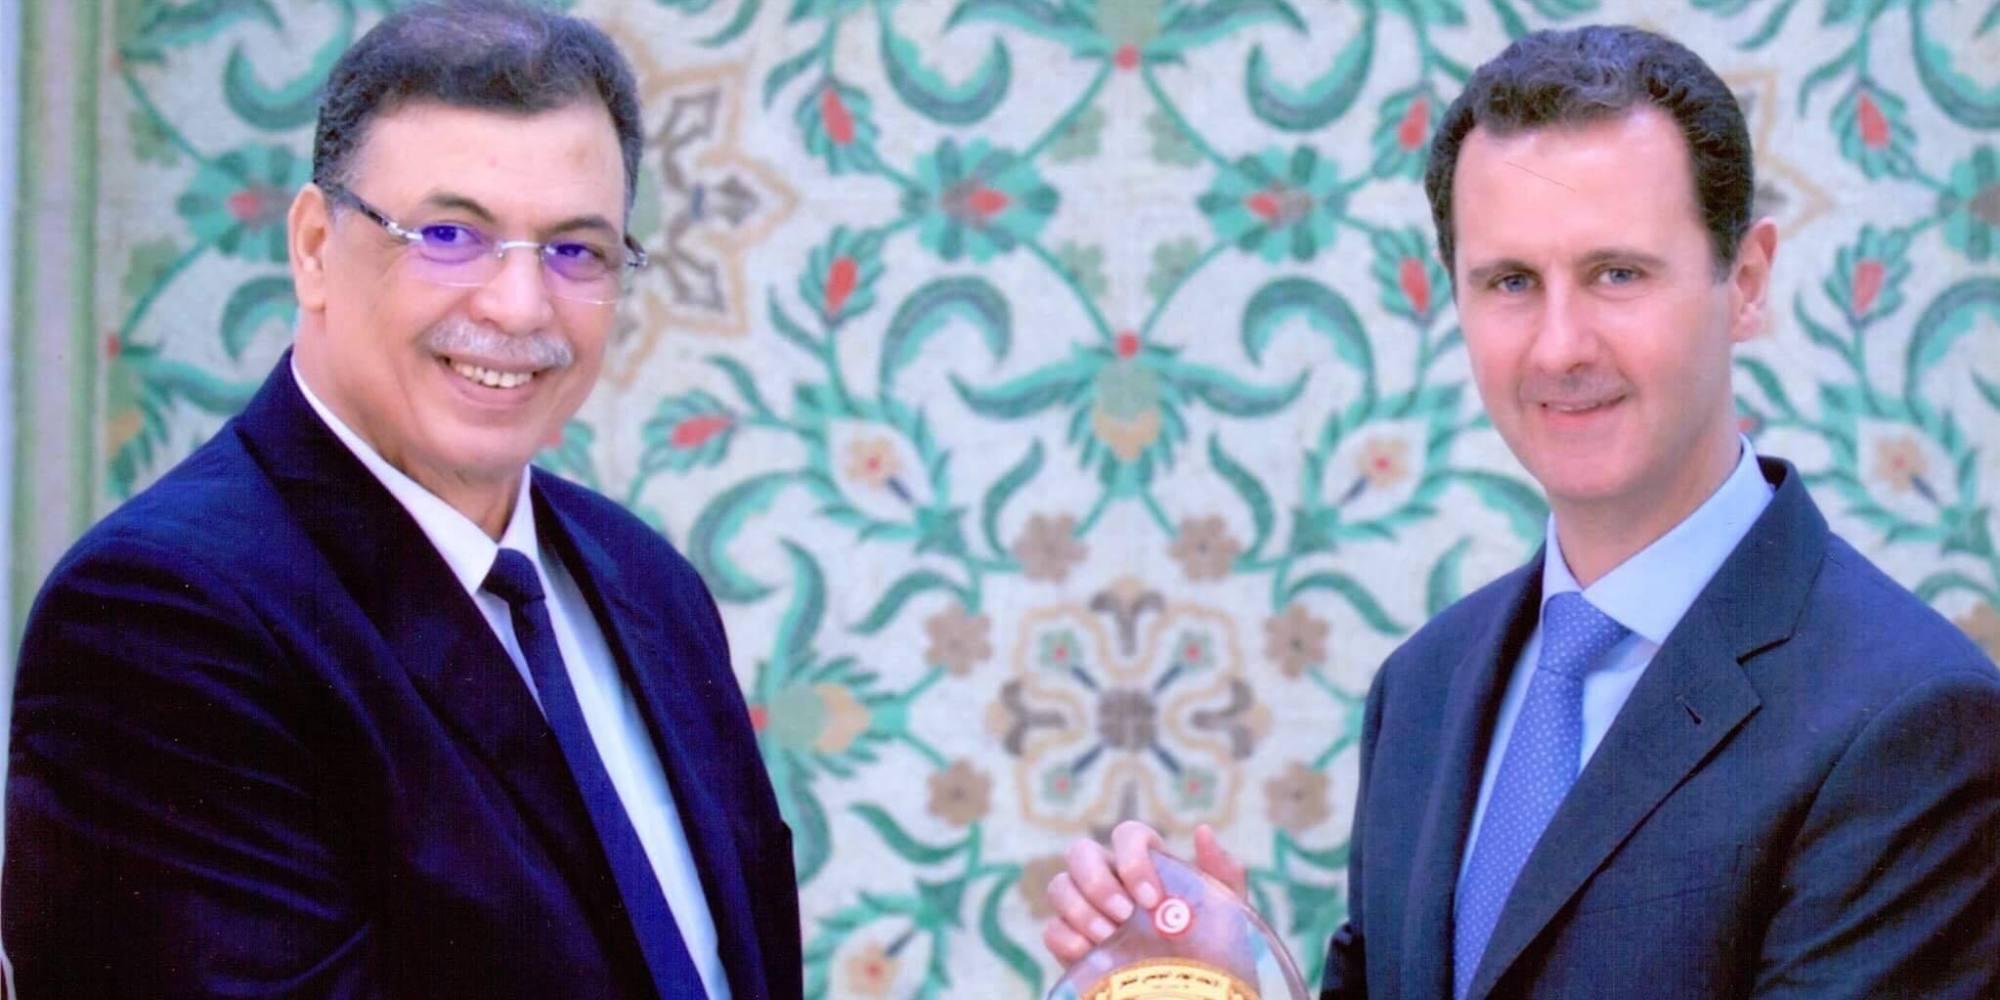 الاتحاد العام التونسي للشّغل يدين العدوان الإمبريالي ضد سوريا الأبية